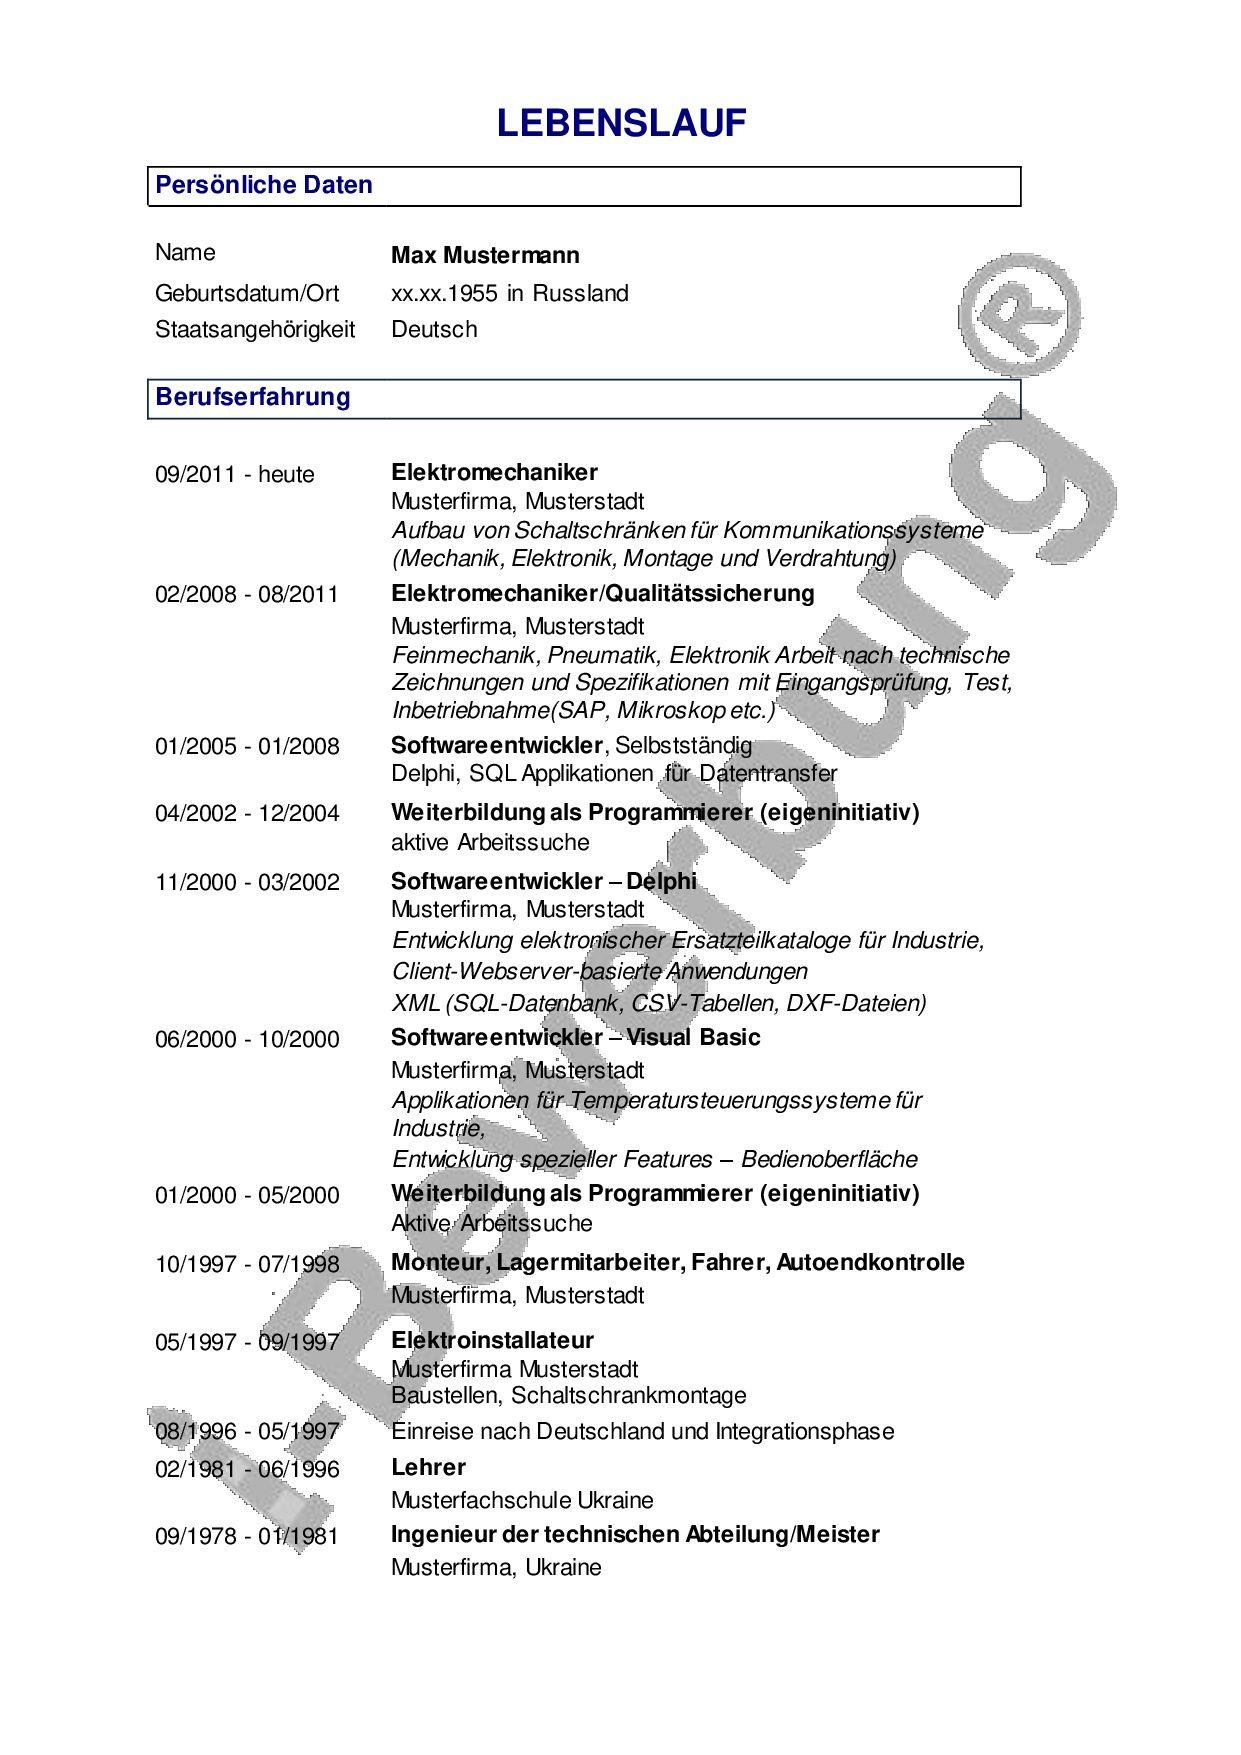 Erfreut Lebenslauf Cv Aussprache Zeitgenössisch - Entry Level Resume ...